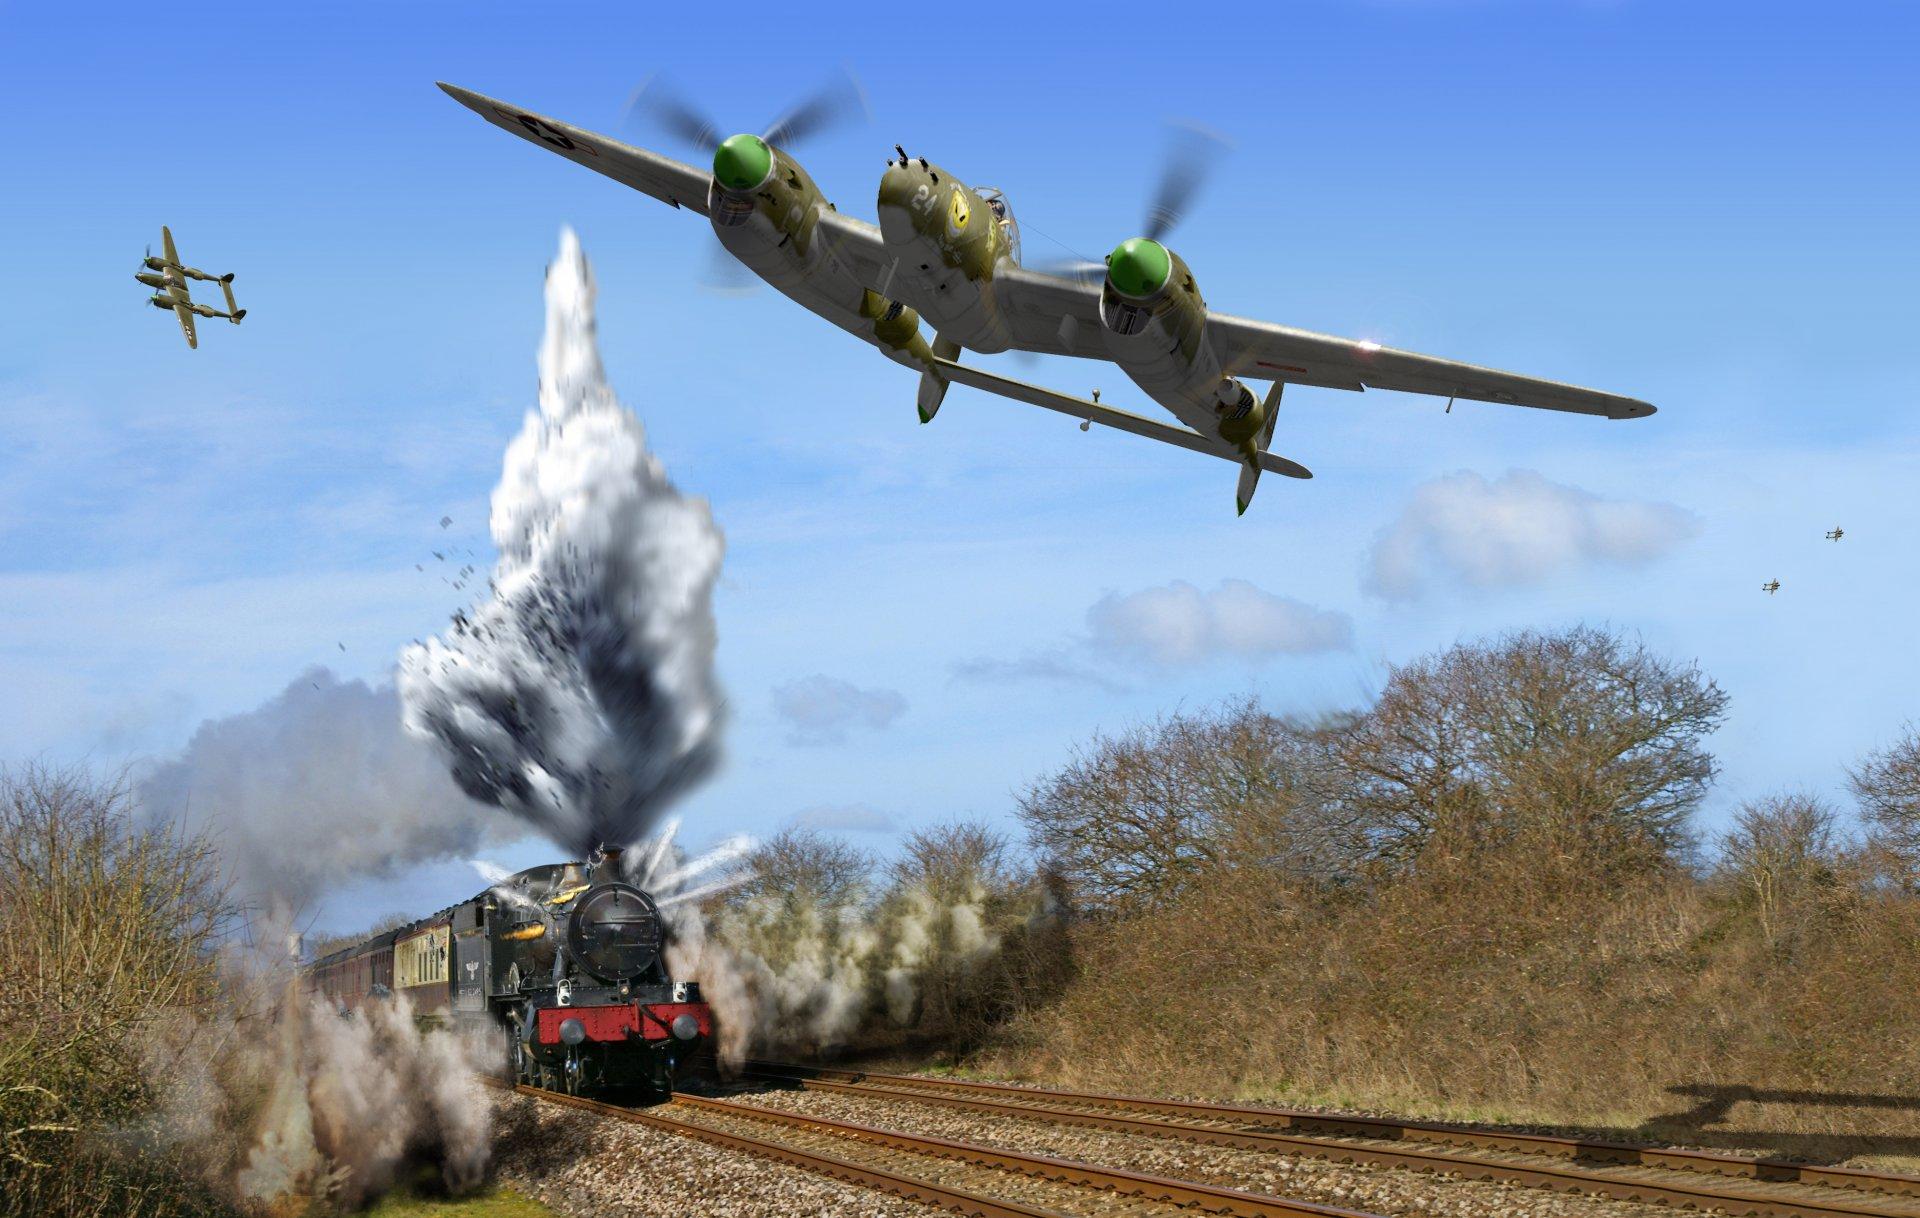 Обои локхид p-38, самолеты, американские. Авиация foto 16